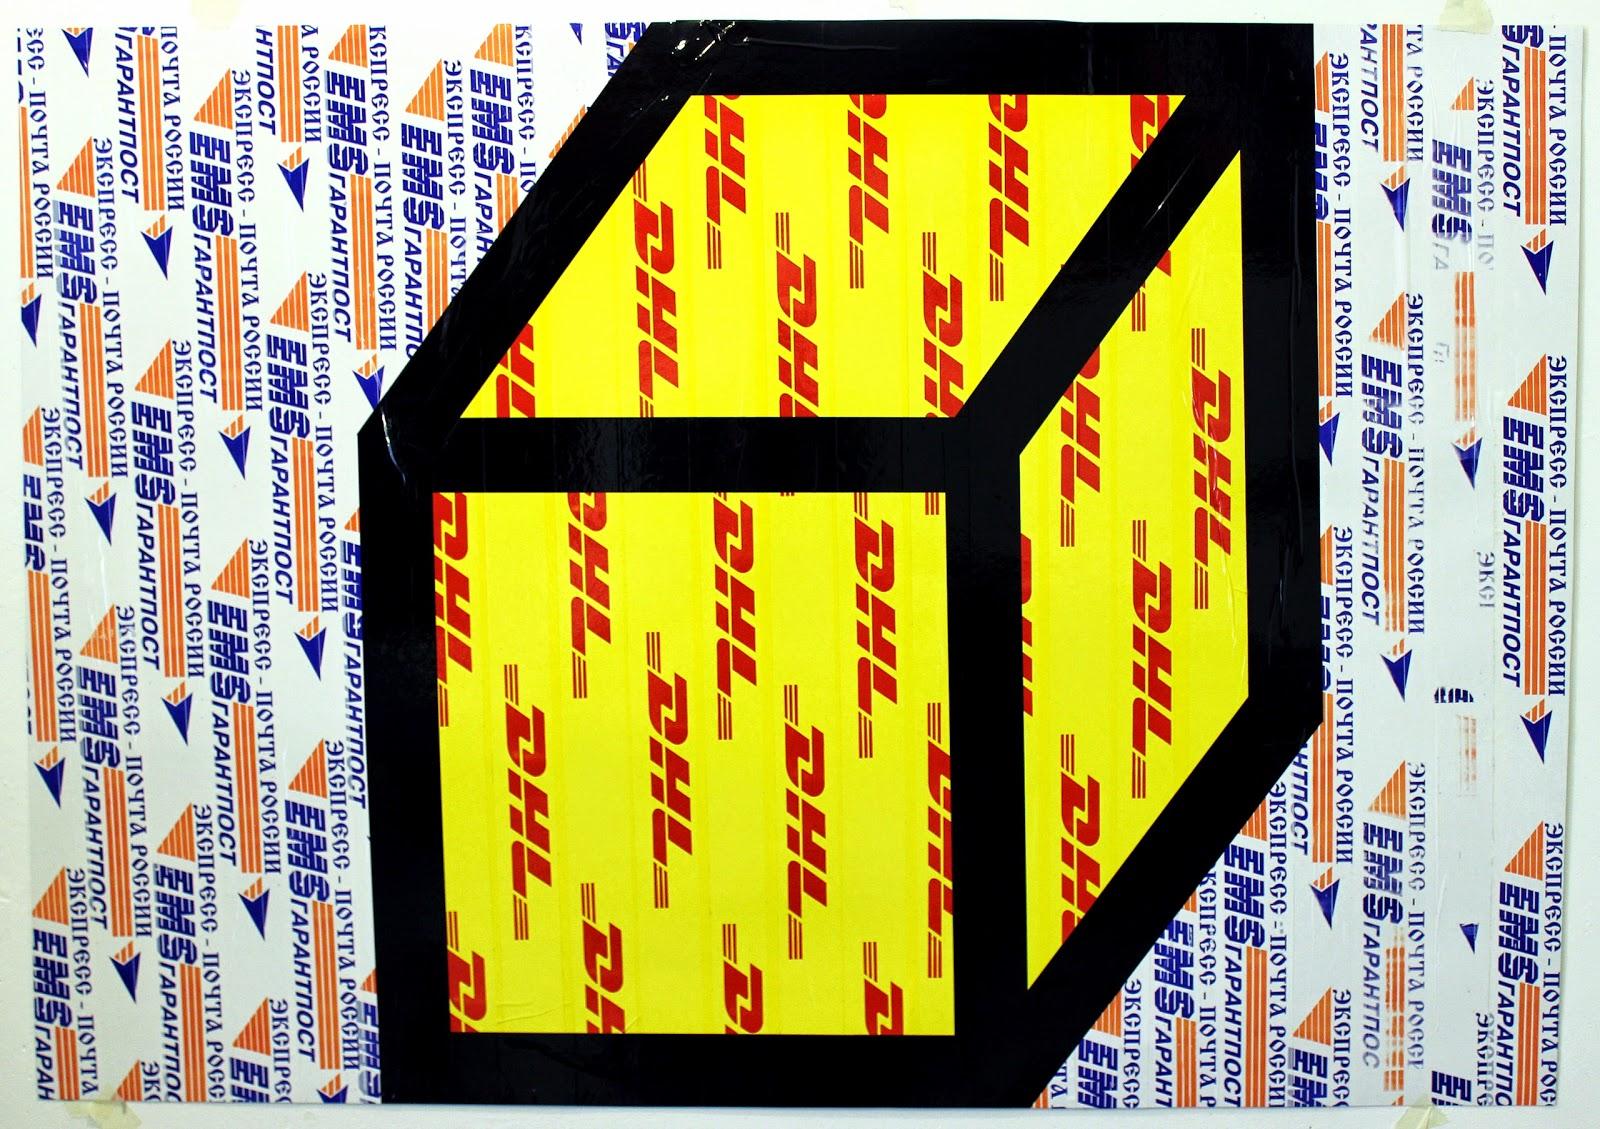 Post DHL EMS box Cube. tape_art artist nikolay vasilyev